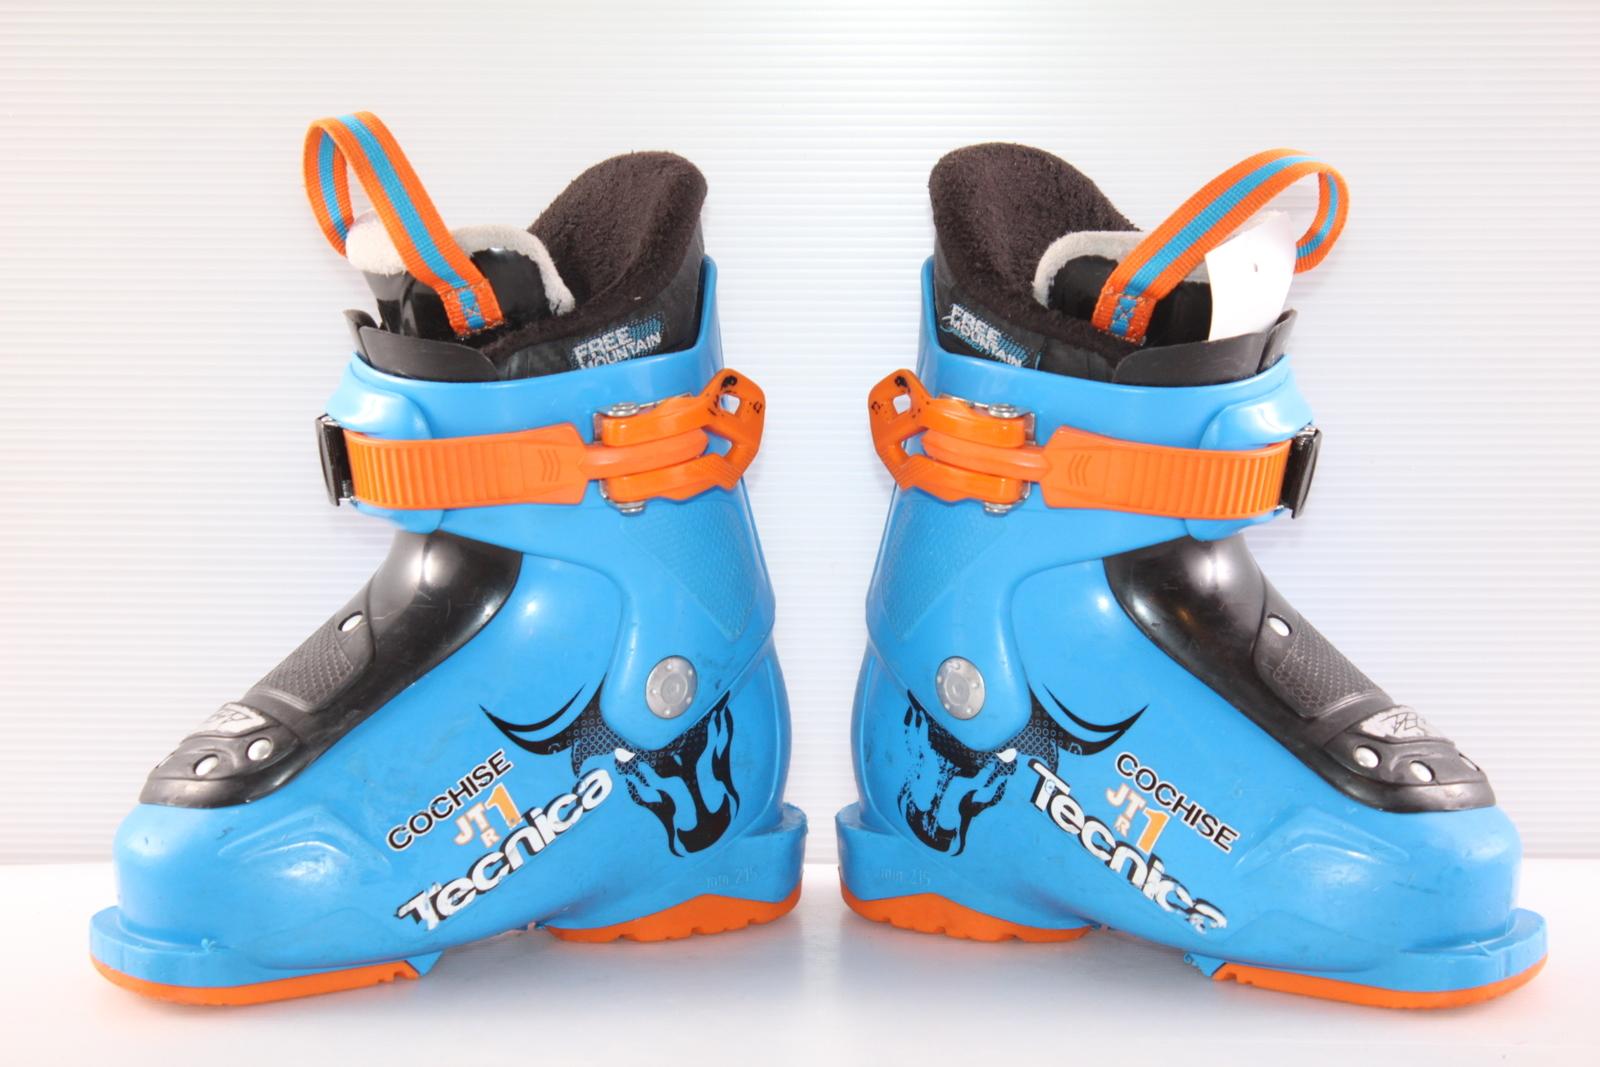 Dětské lyžáky Tecnica Cochise JT 1 R vel. EU26.5